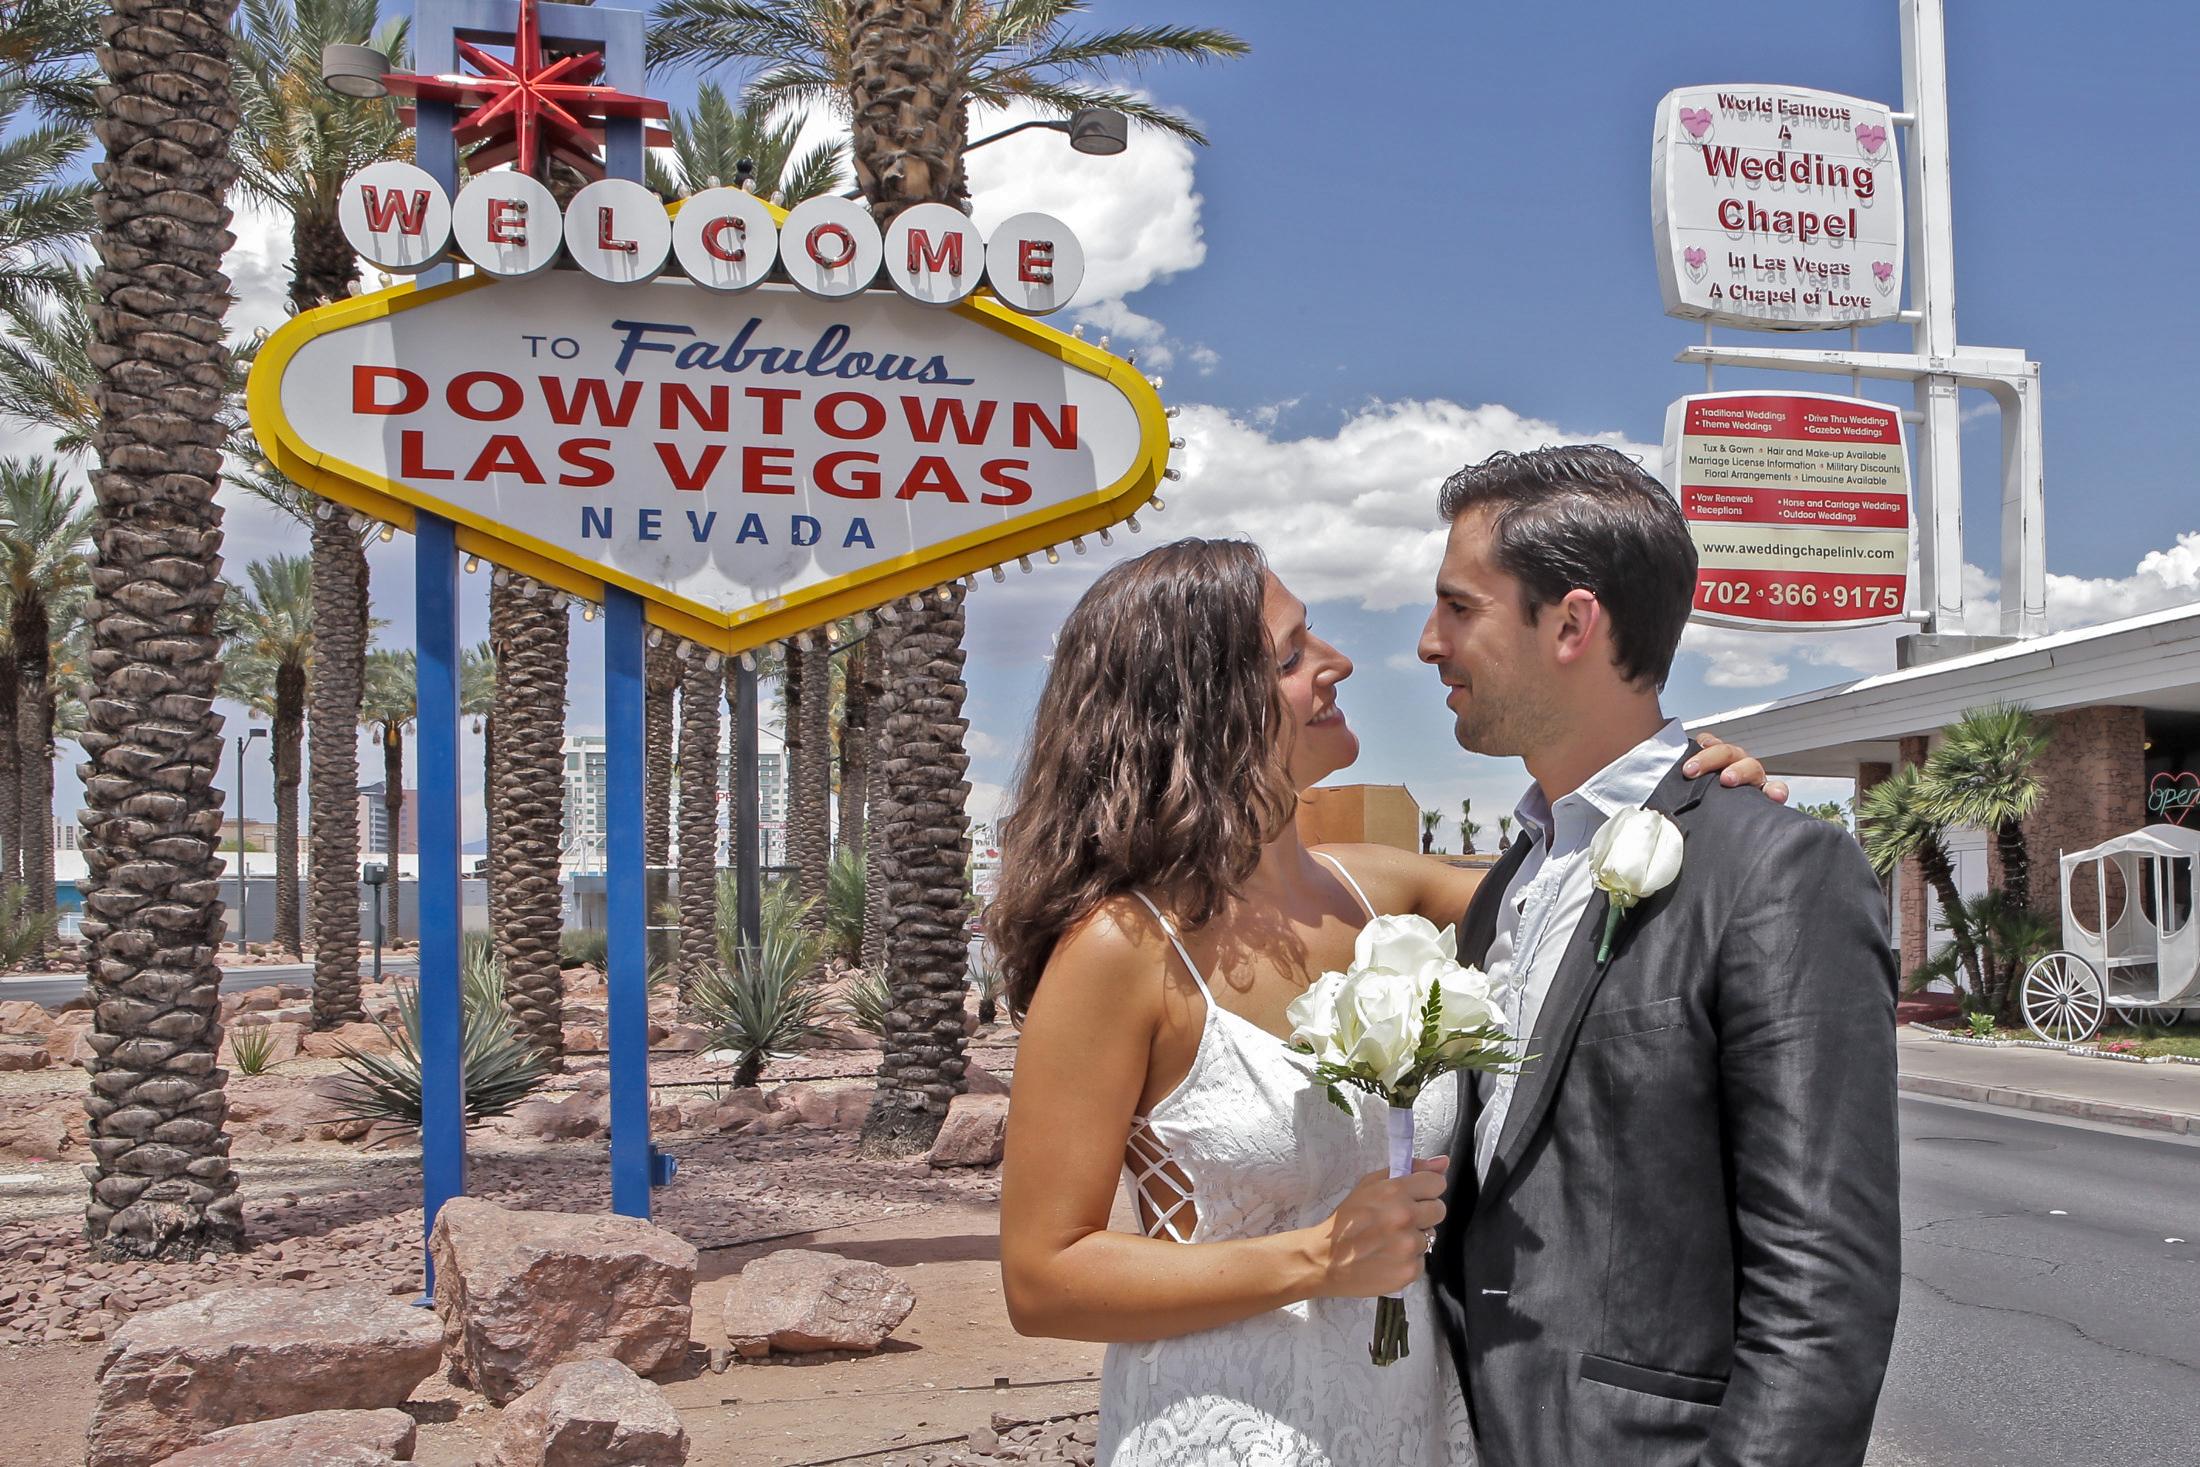 Downtown Las Vegas Wedding Chapel